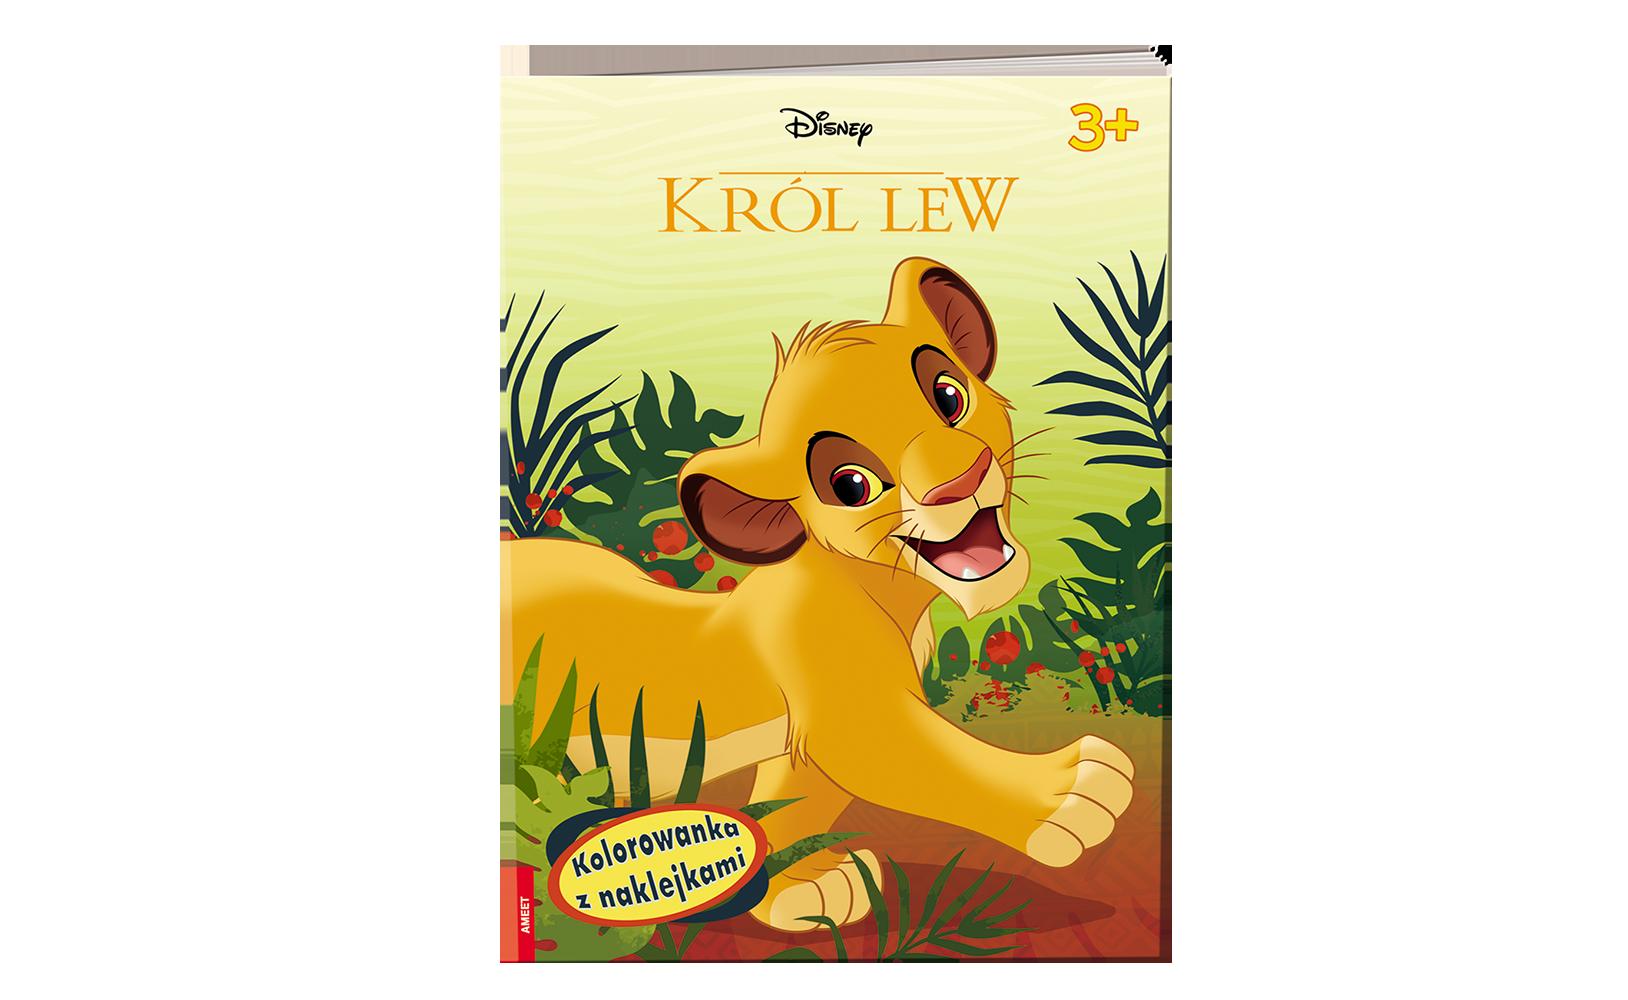 Król lew. Kolorowanka zNaklejkami